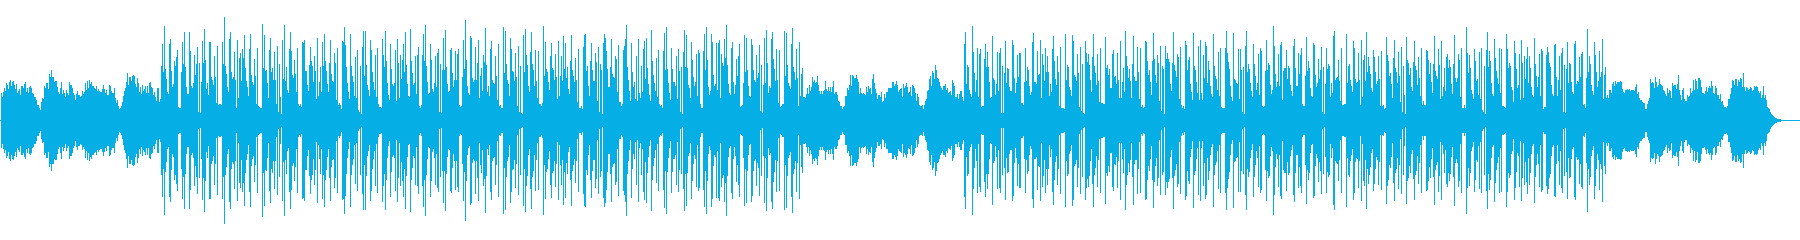 シリアスサスペンス・ミステリアストラップの再生済みの波形